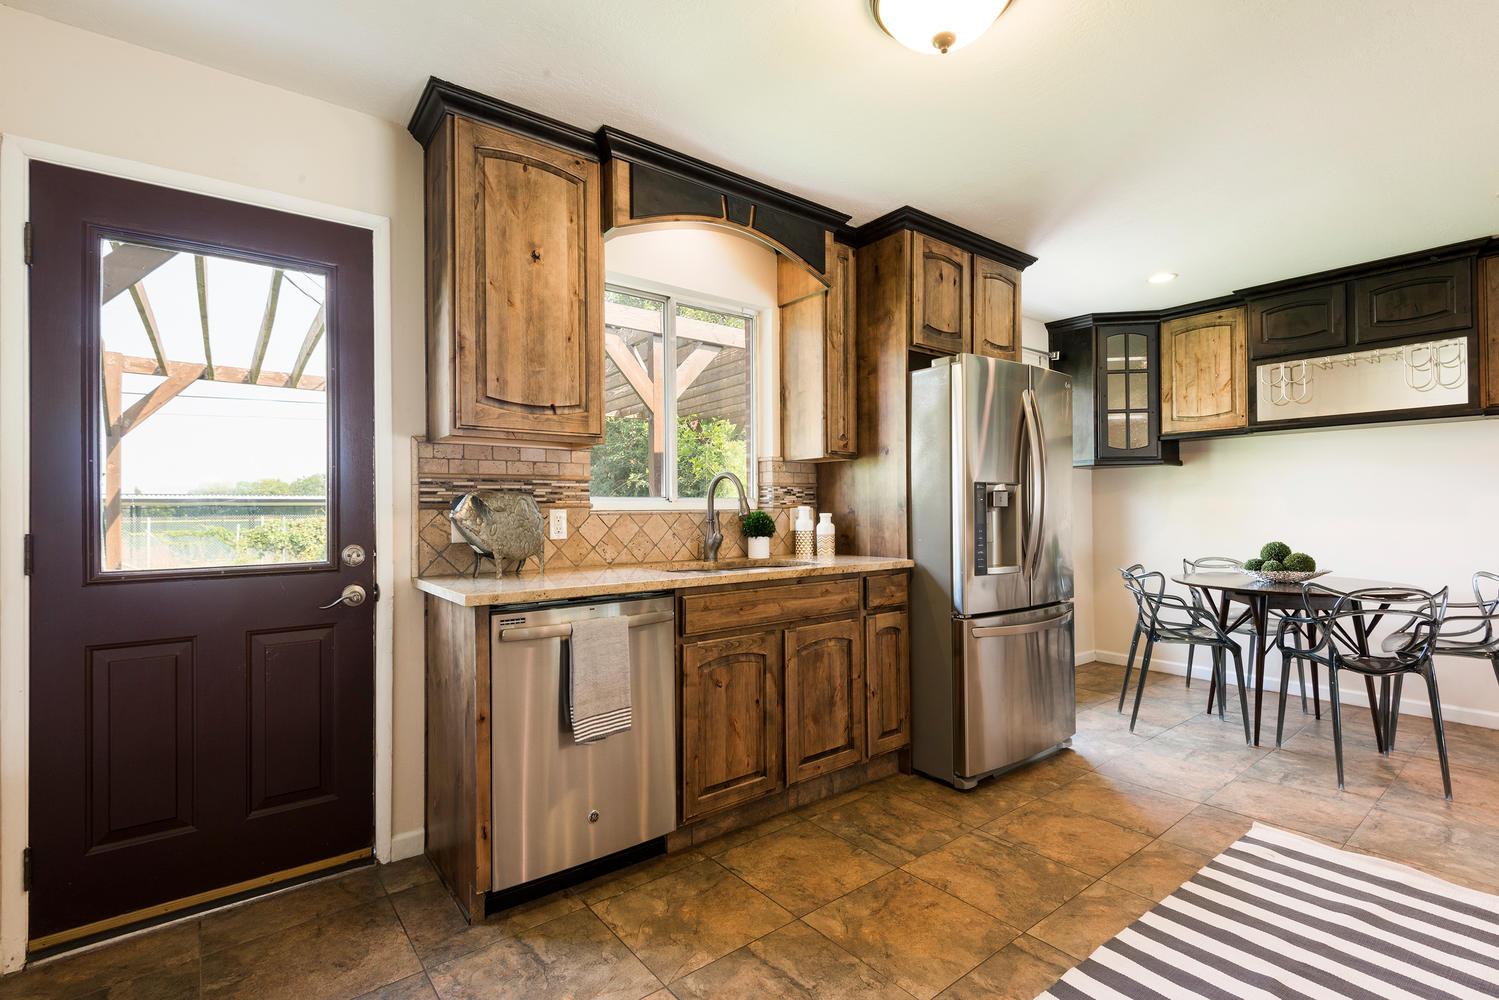 1423 E 5935 S kitchen2.jpg